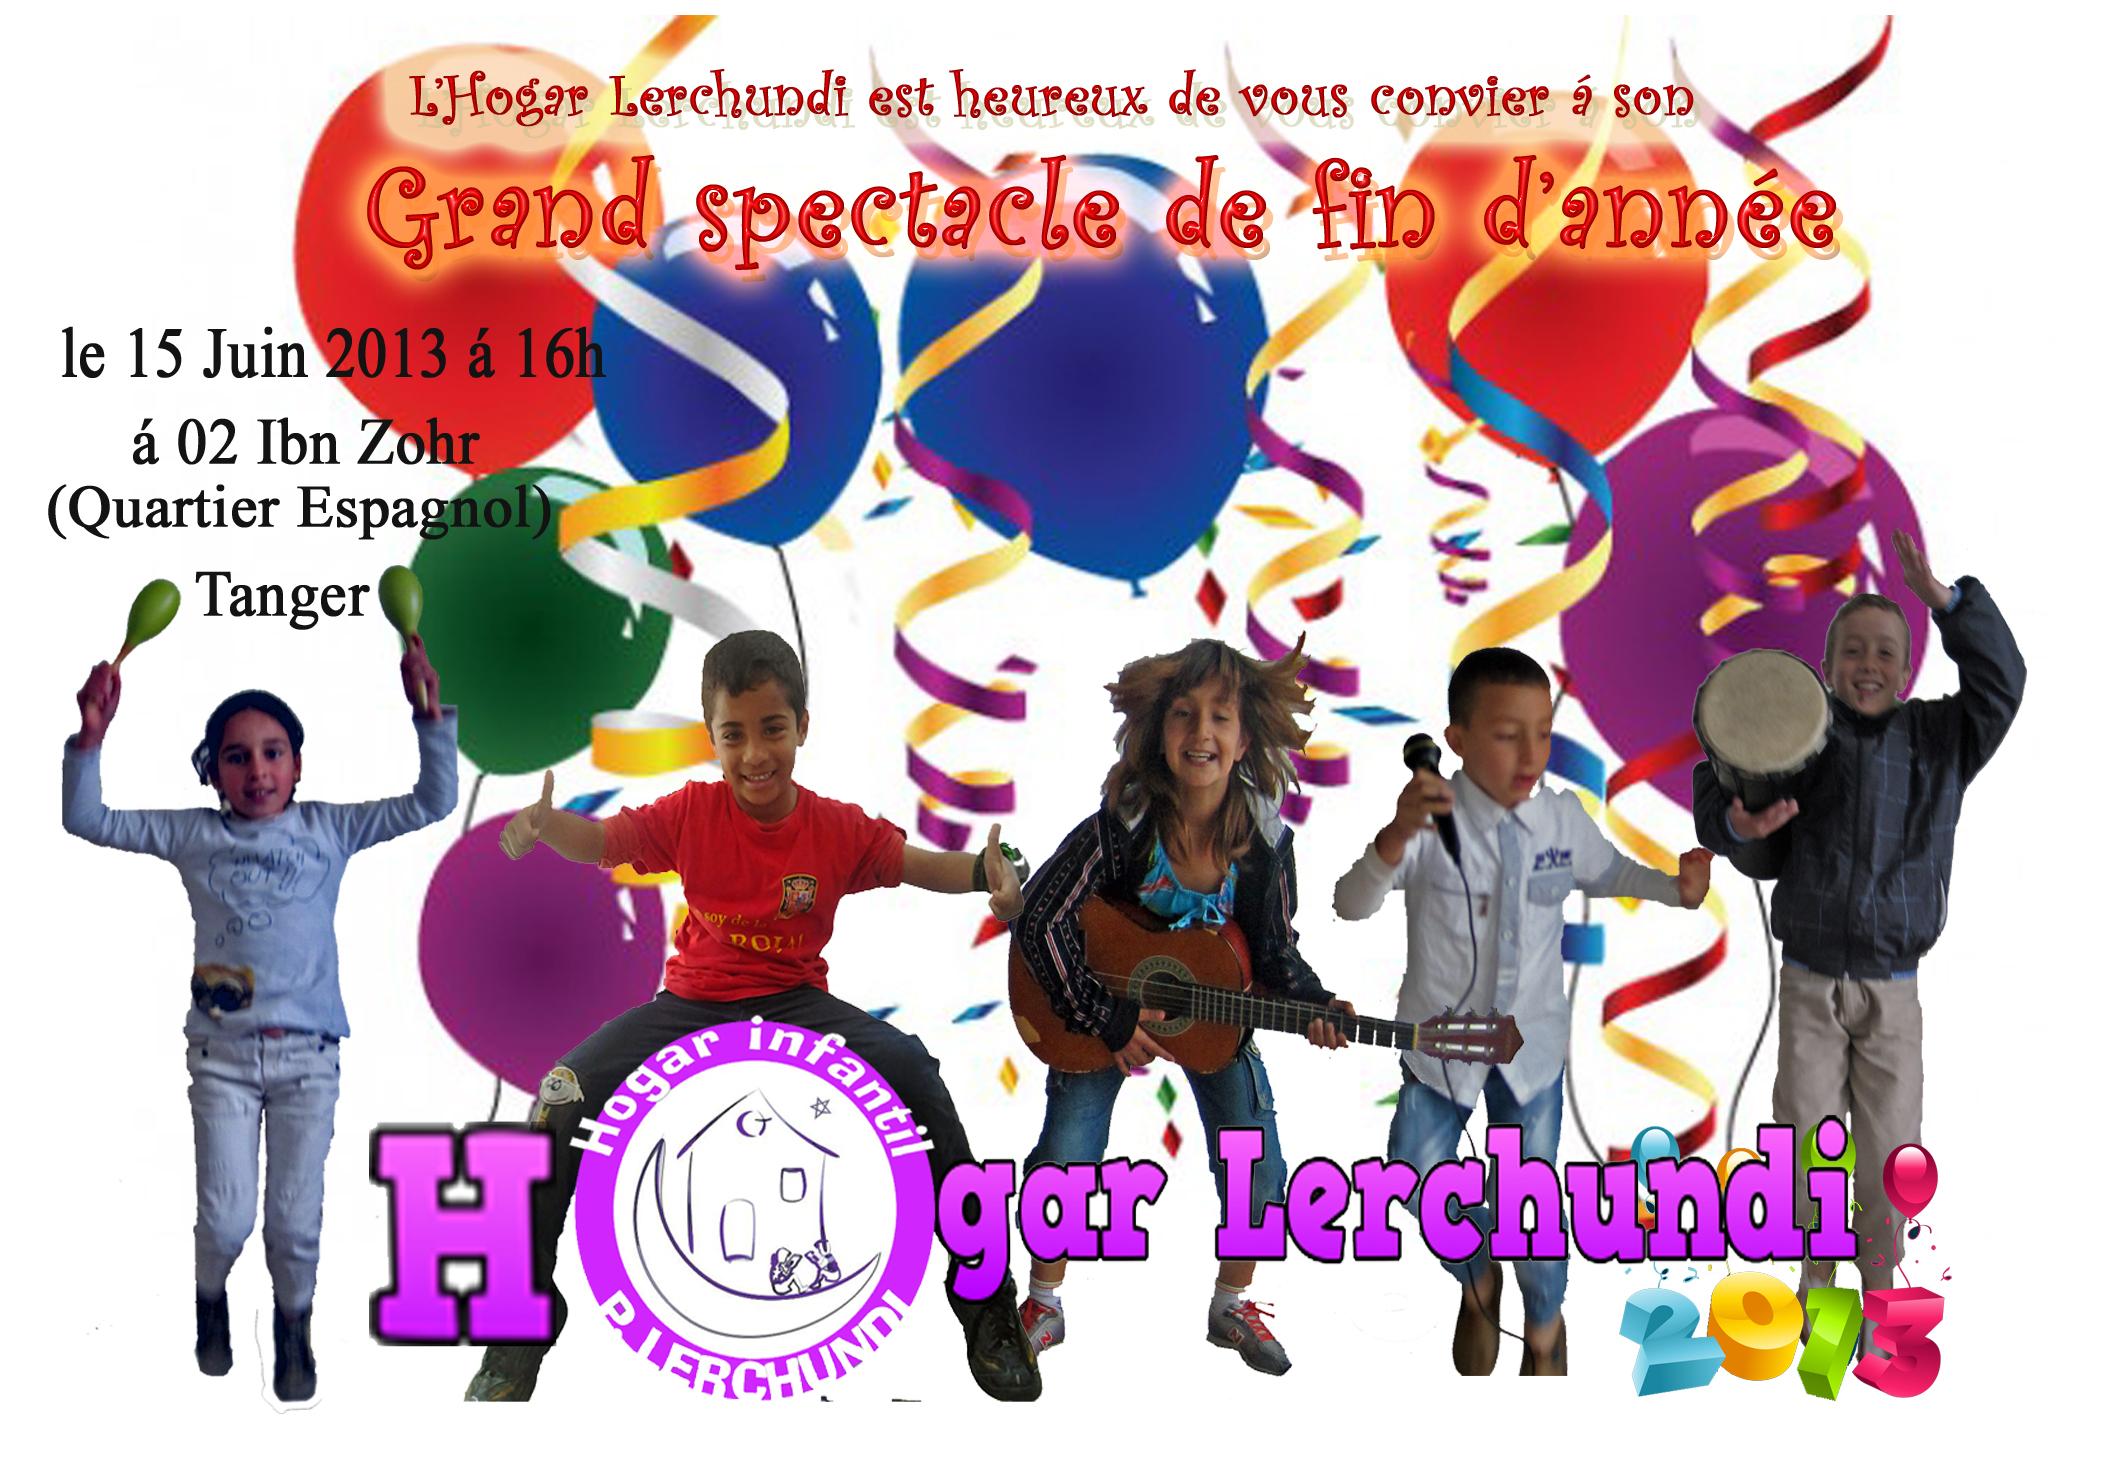 Fiesta Hogar Lerchundi 2013